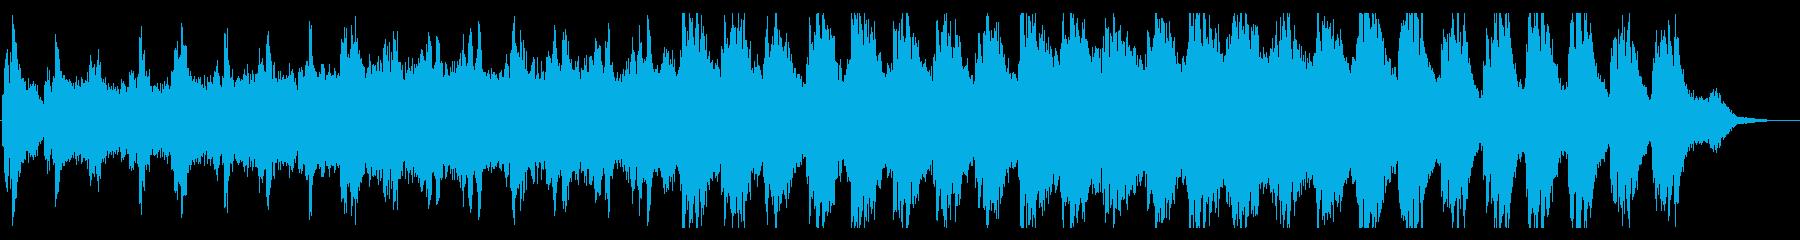 シンプルで幸福感のあるBGMの再生済みの波形